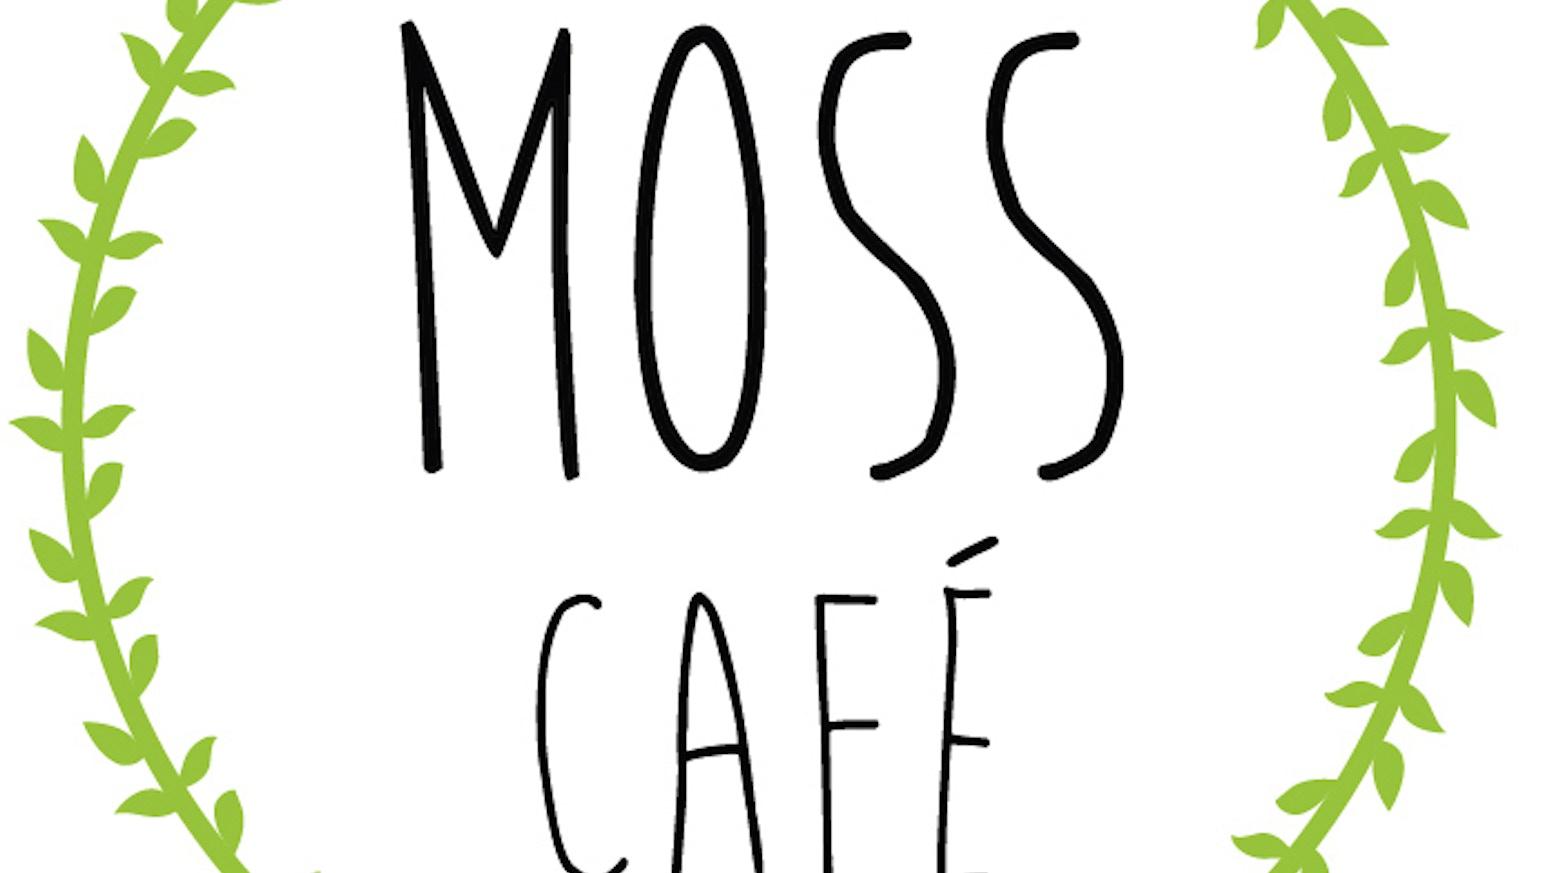 MOSS CAFE By Emily Weisberg Kickstarter